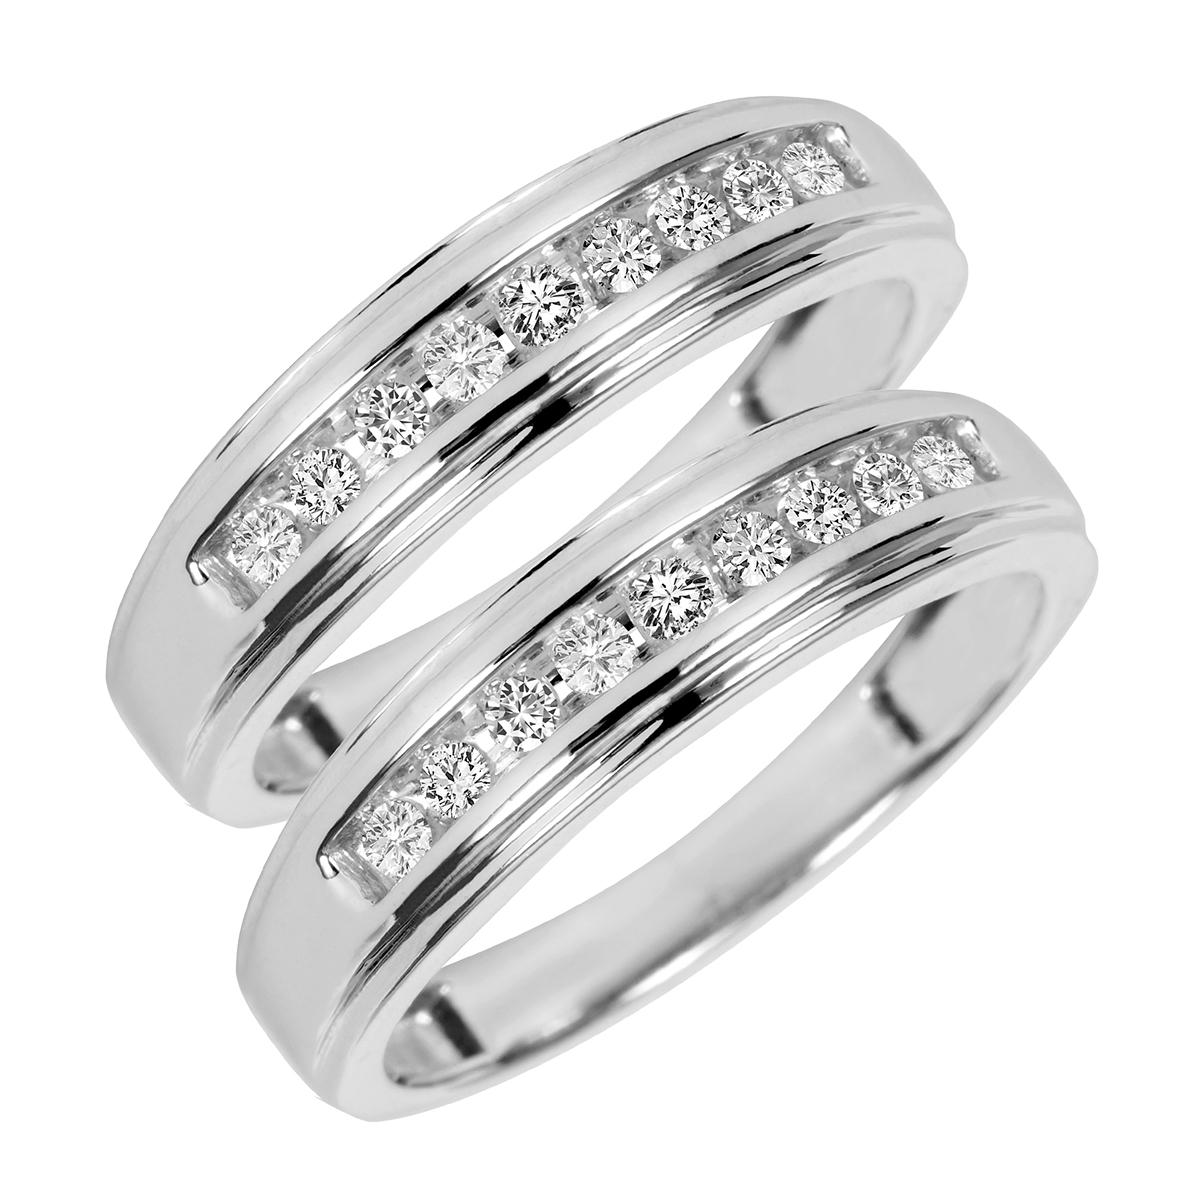 1/3 Carat T.W. Round Cut Ladies Same Sex Wedding Band Set 14K White Gold- Size 8